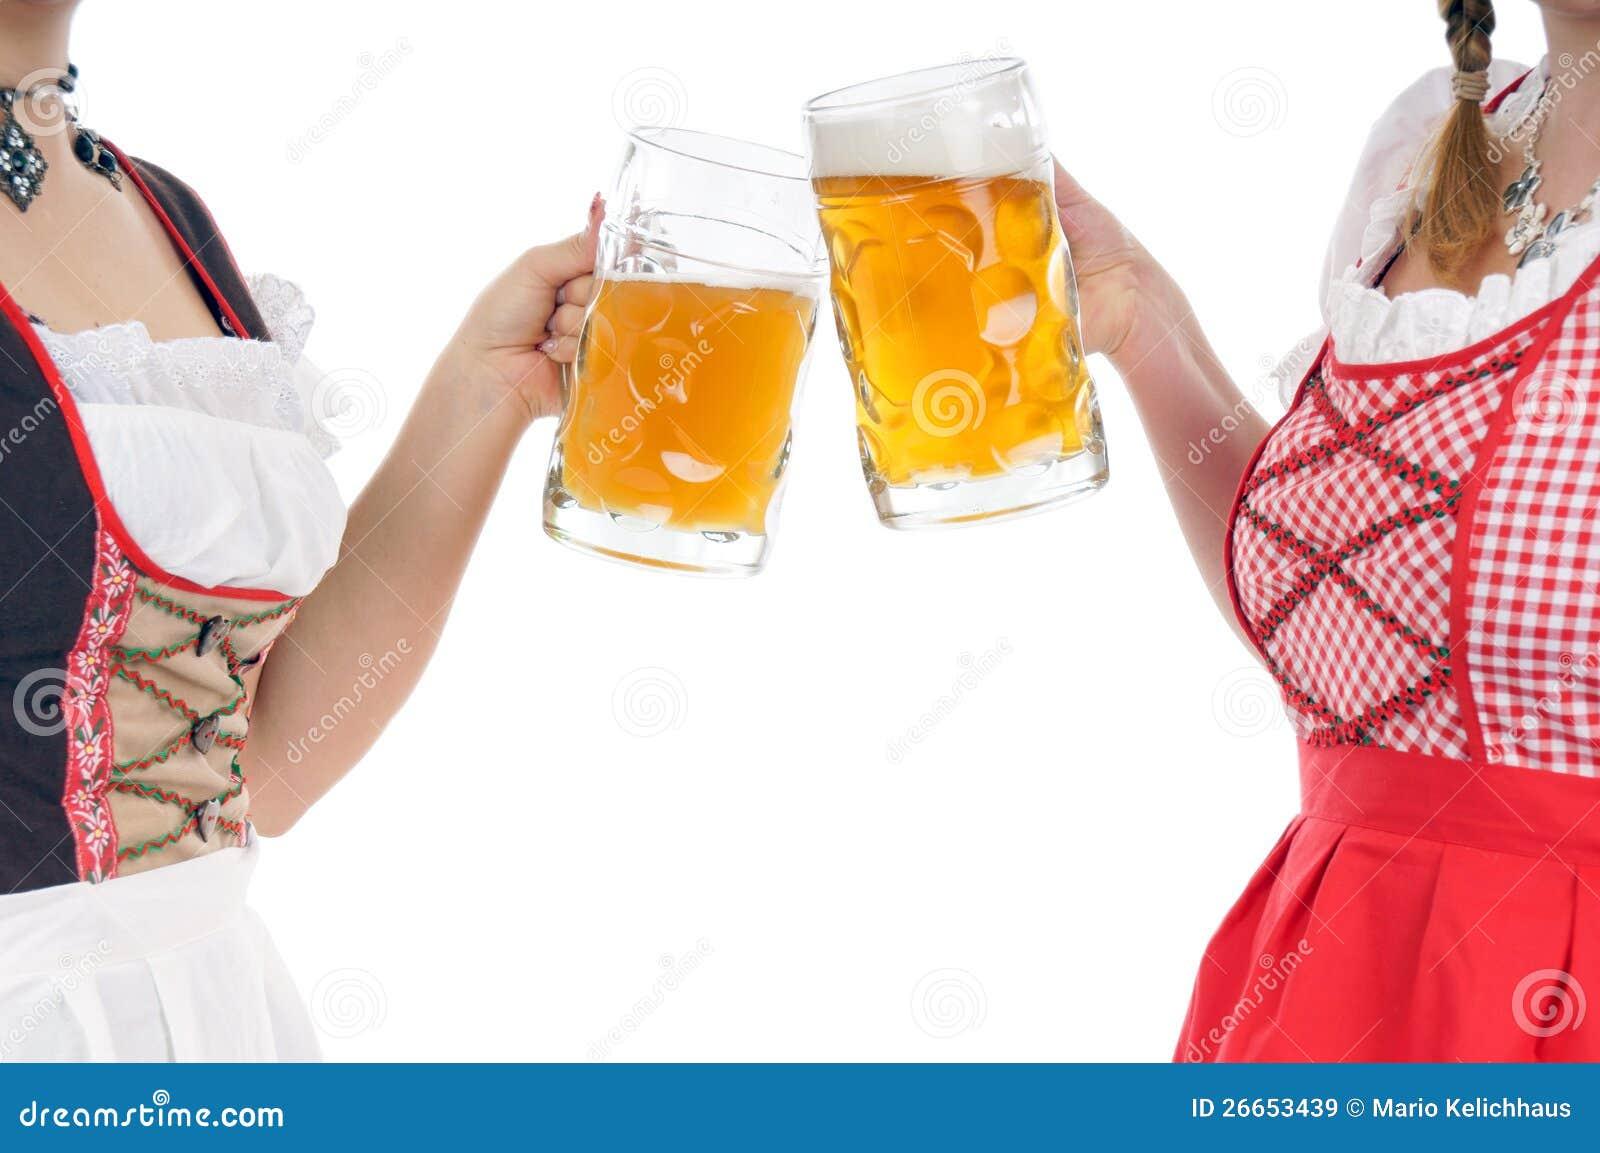 Празднество пива Мюнхен